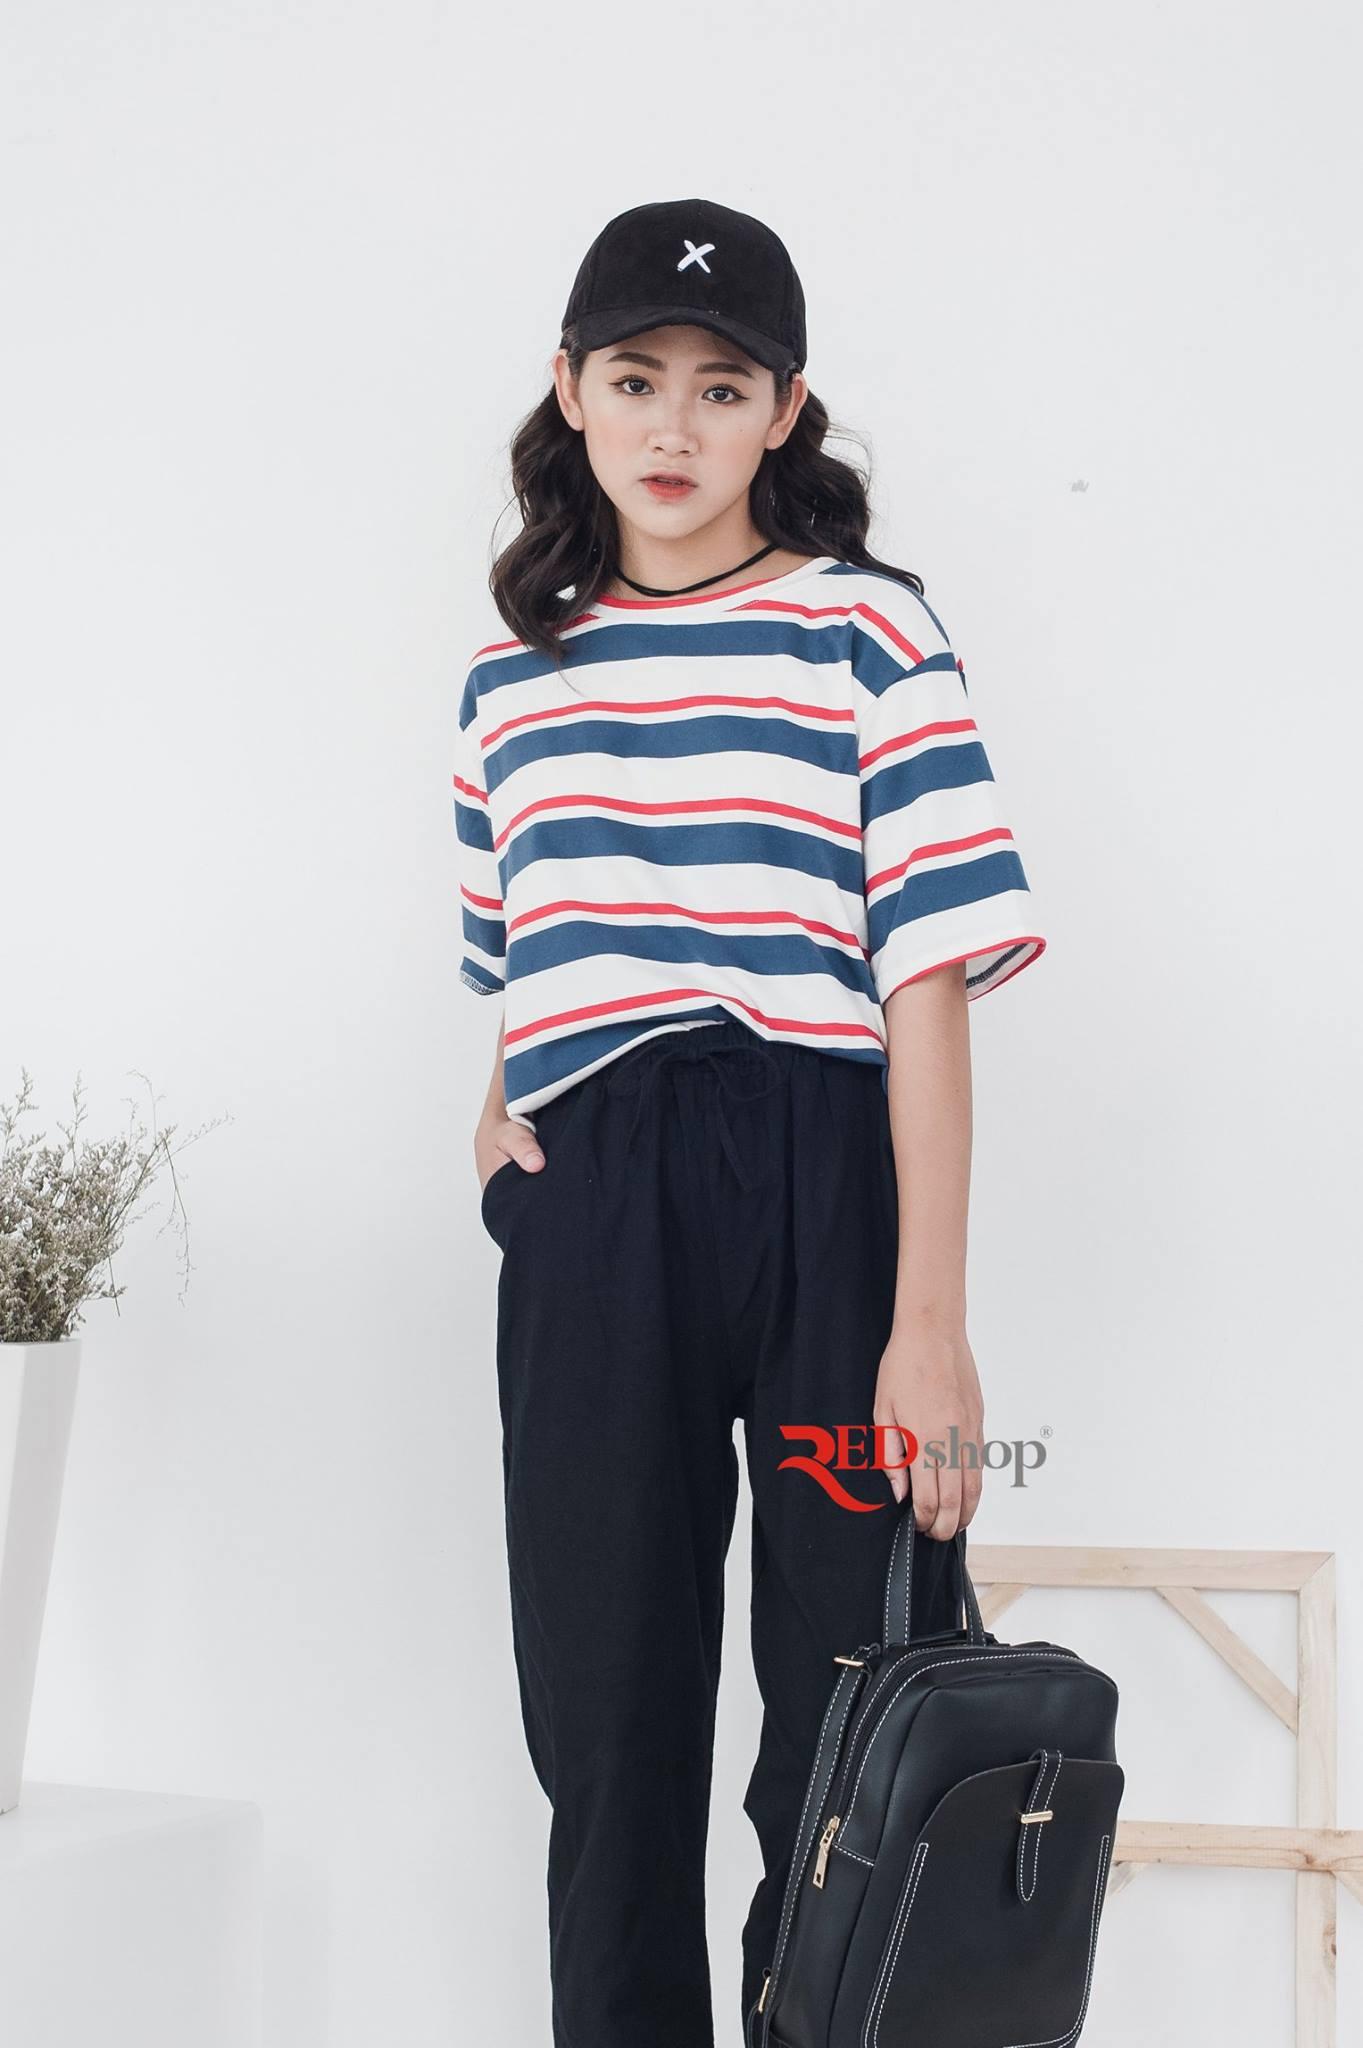 Đồ đẹp, trendy mà giá lại mềm, đây là 15 shop thời trang được giới trẻ Hà Nội kết nhất hiện nay - Ảnh 48.